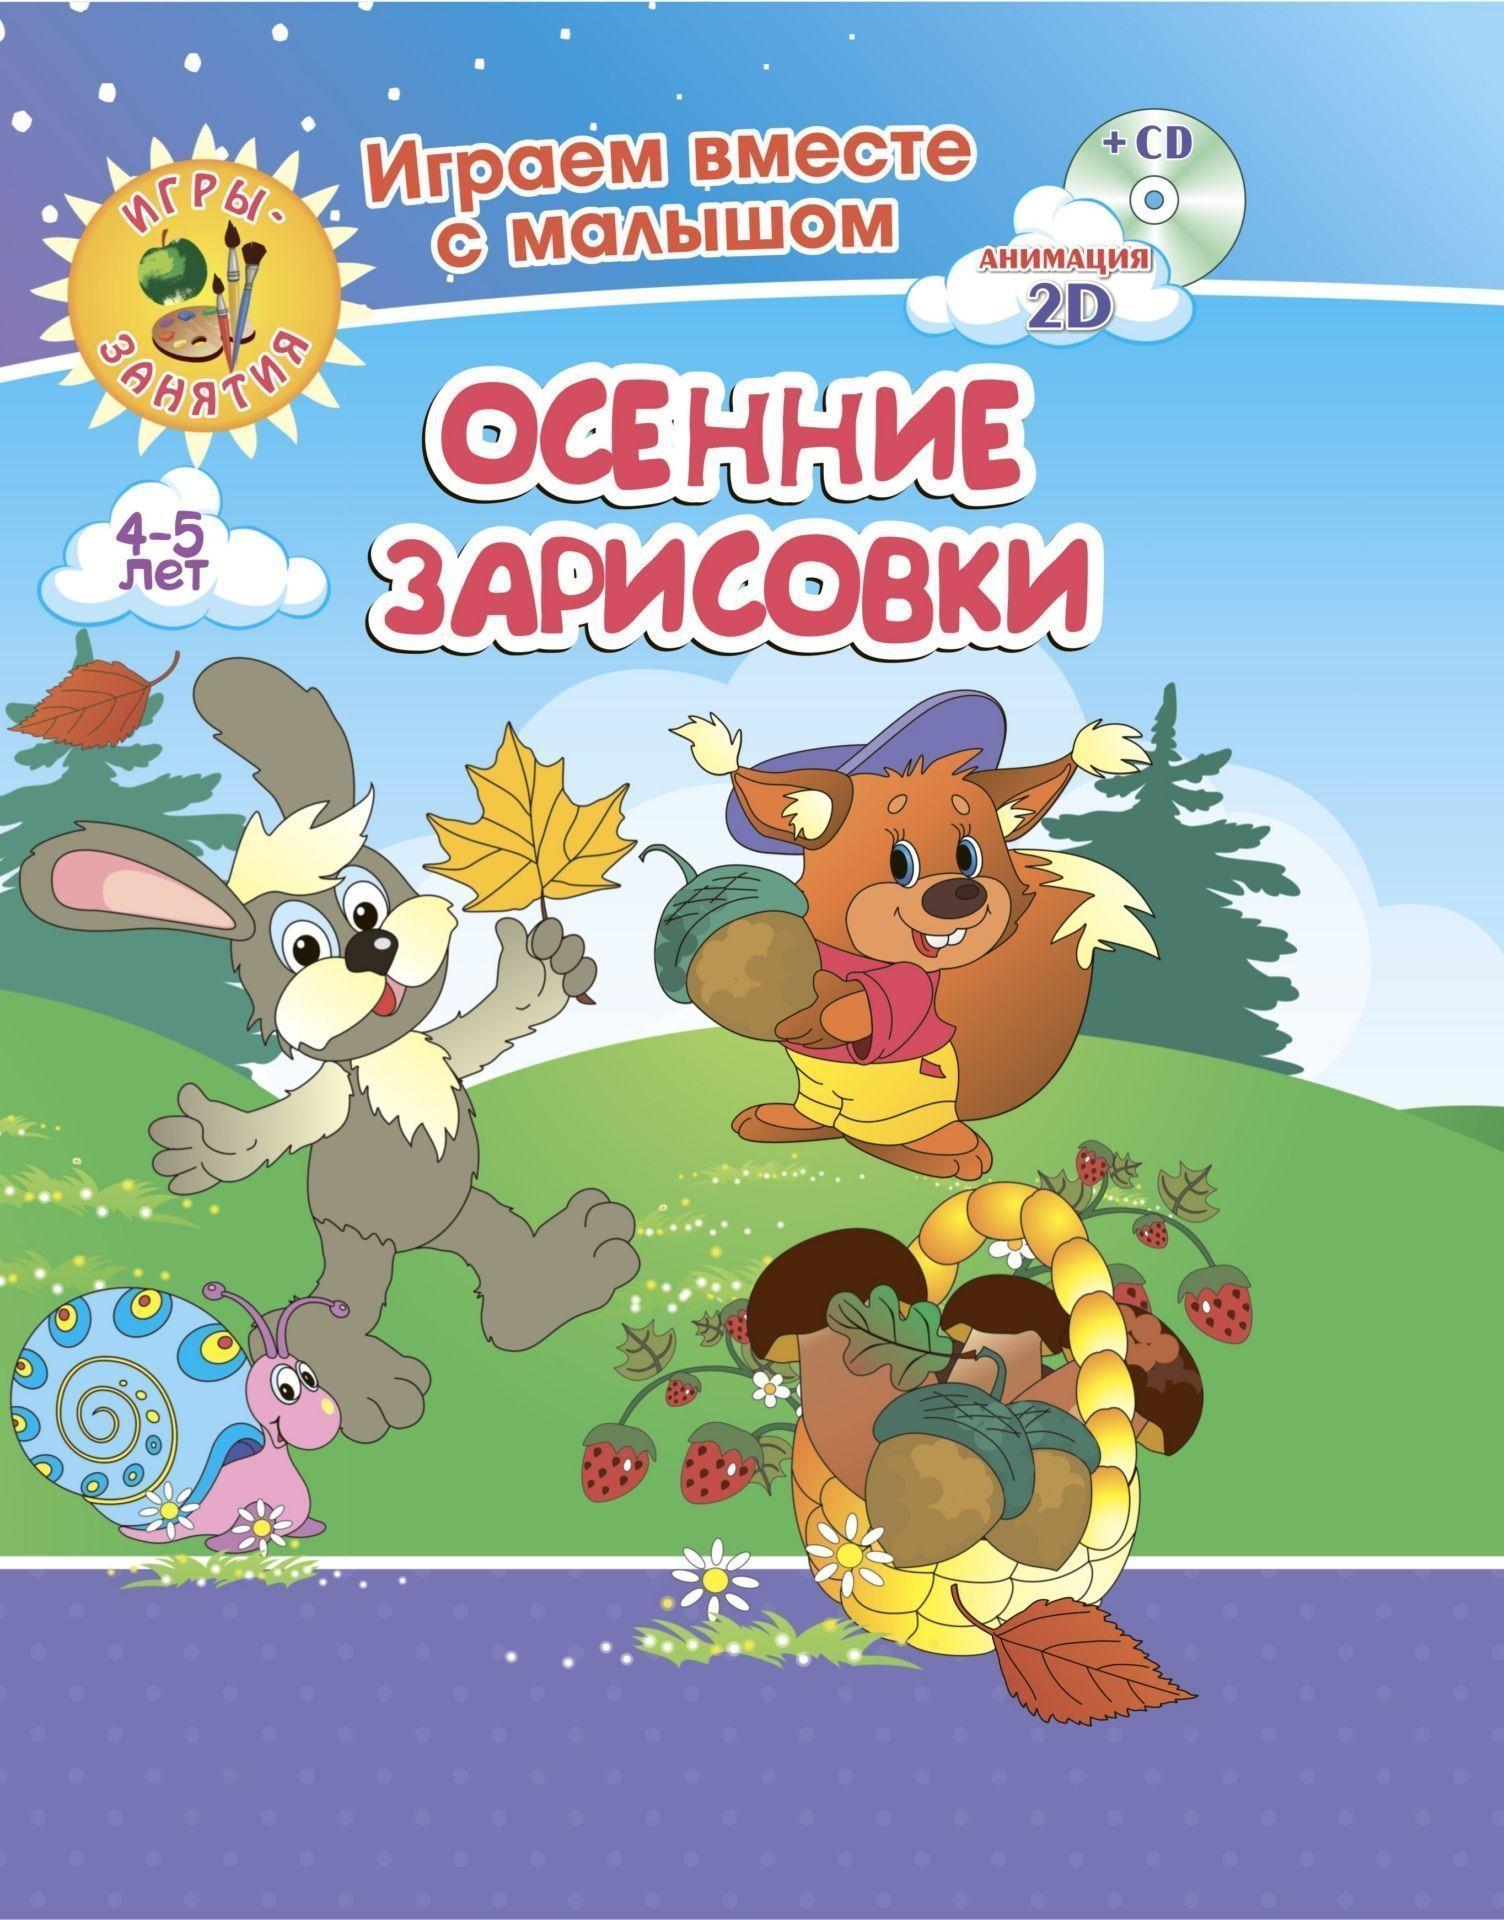 Купить со скидкой Осенние зарисовки. Игры-занятия. 4-5 лет. Играем, рисуем, фантазируем вместе с детьми на диске и в а